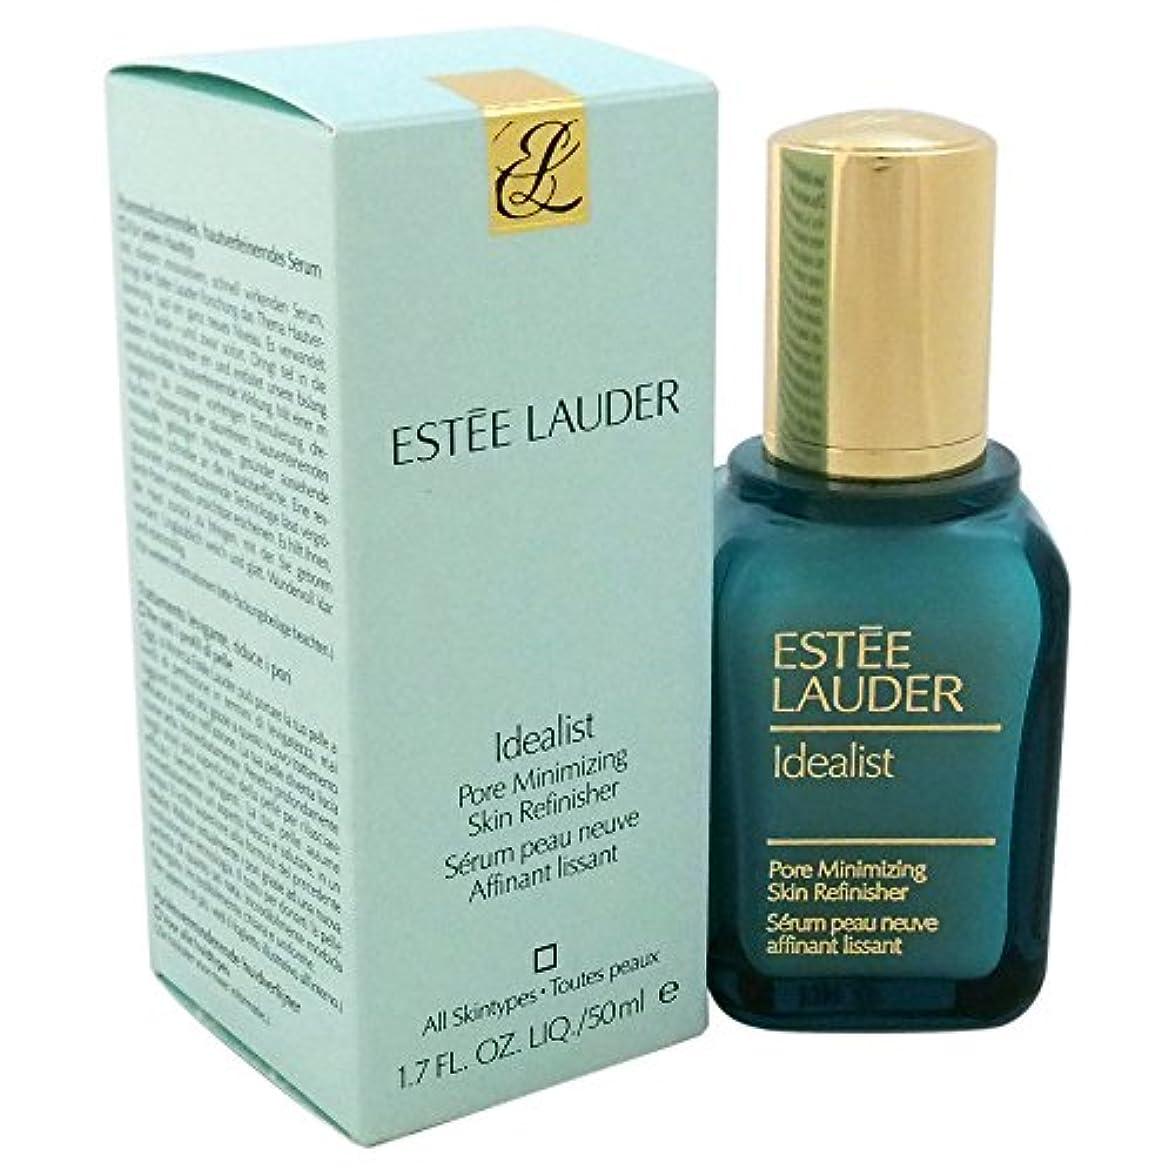 盆地難破船忠実なEstee Lauder Idealist Pore Minimizing Skin Refinisher 50ml [並行輸入品]